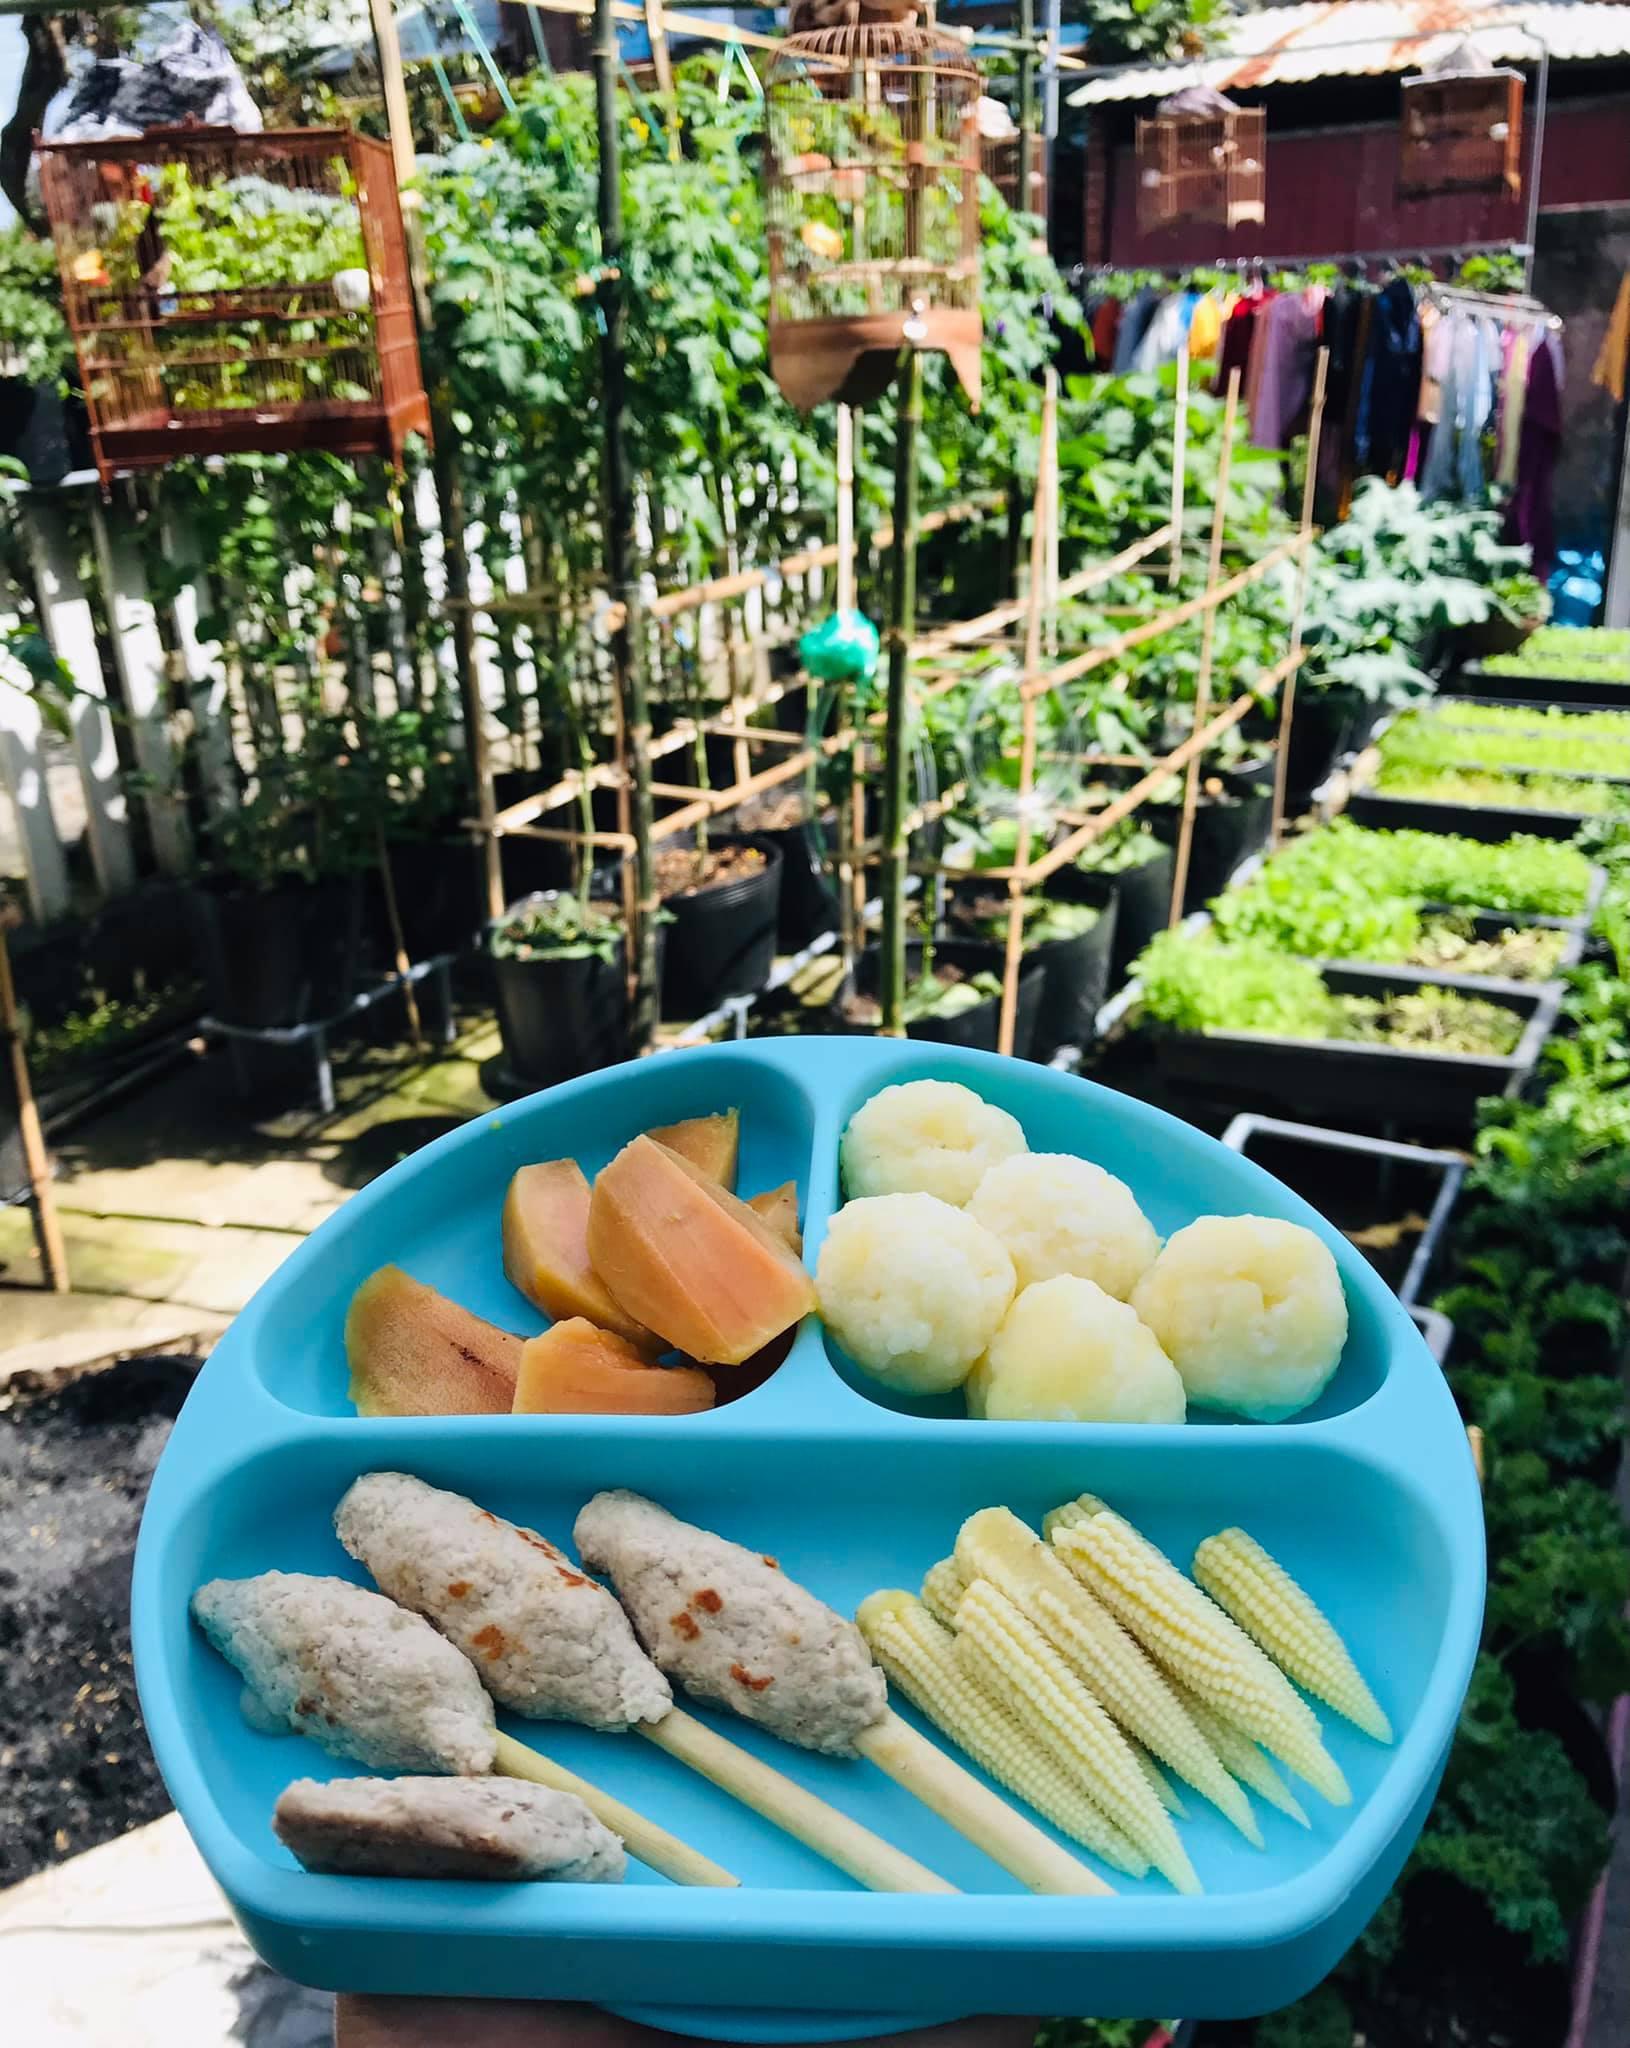 Vườn 60m2 đủ loại rau trái, vợ chồng trẻ ở Quảng Nam không phải đi chợ - 6